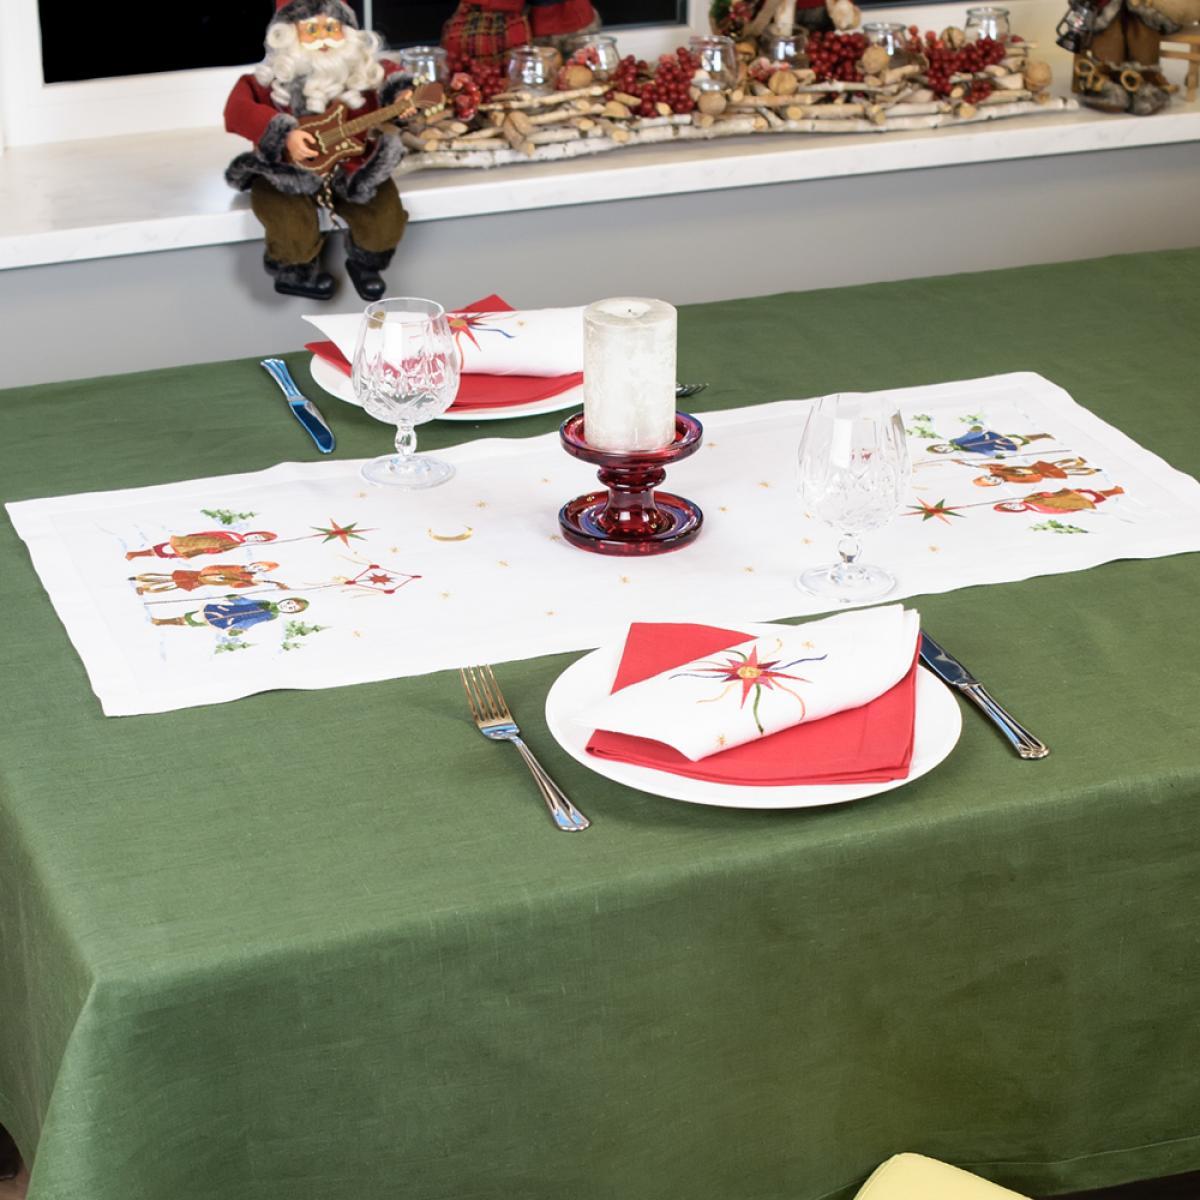 Linen runner on the table Christmas